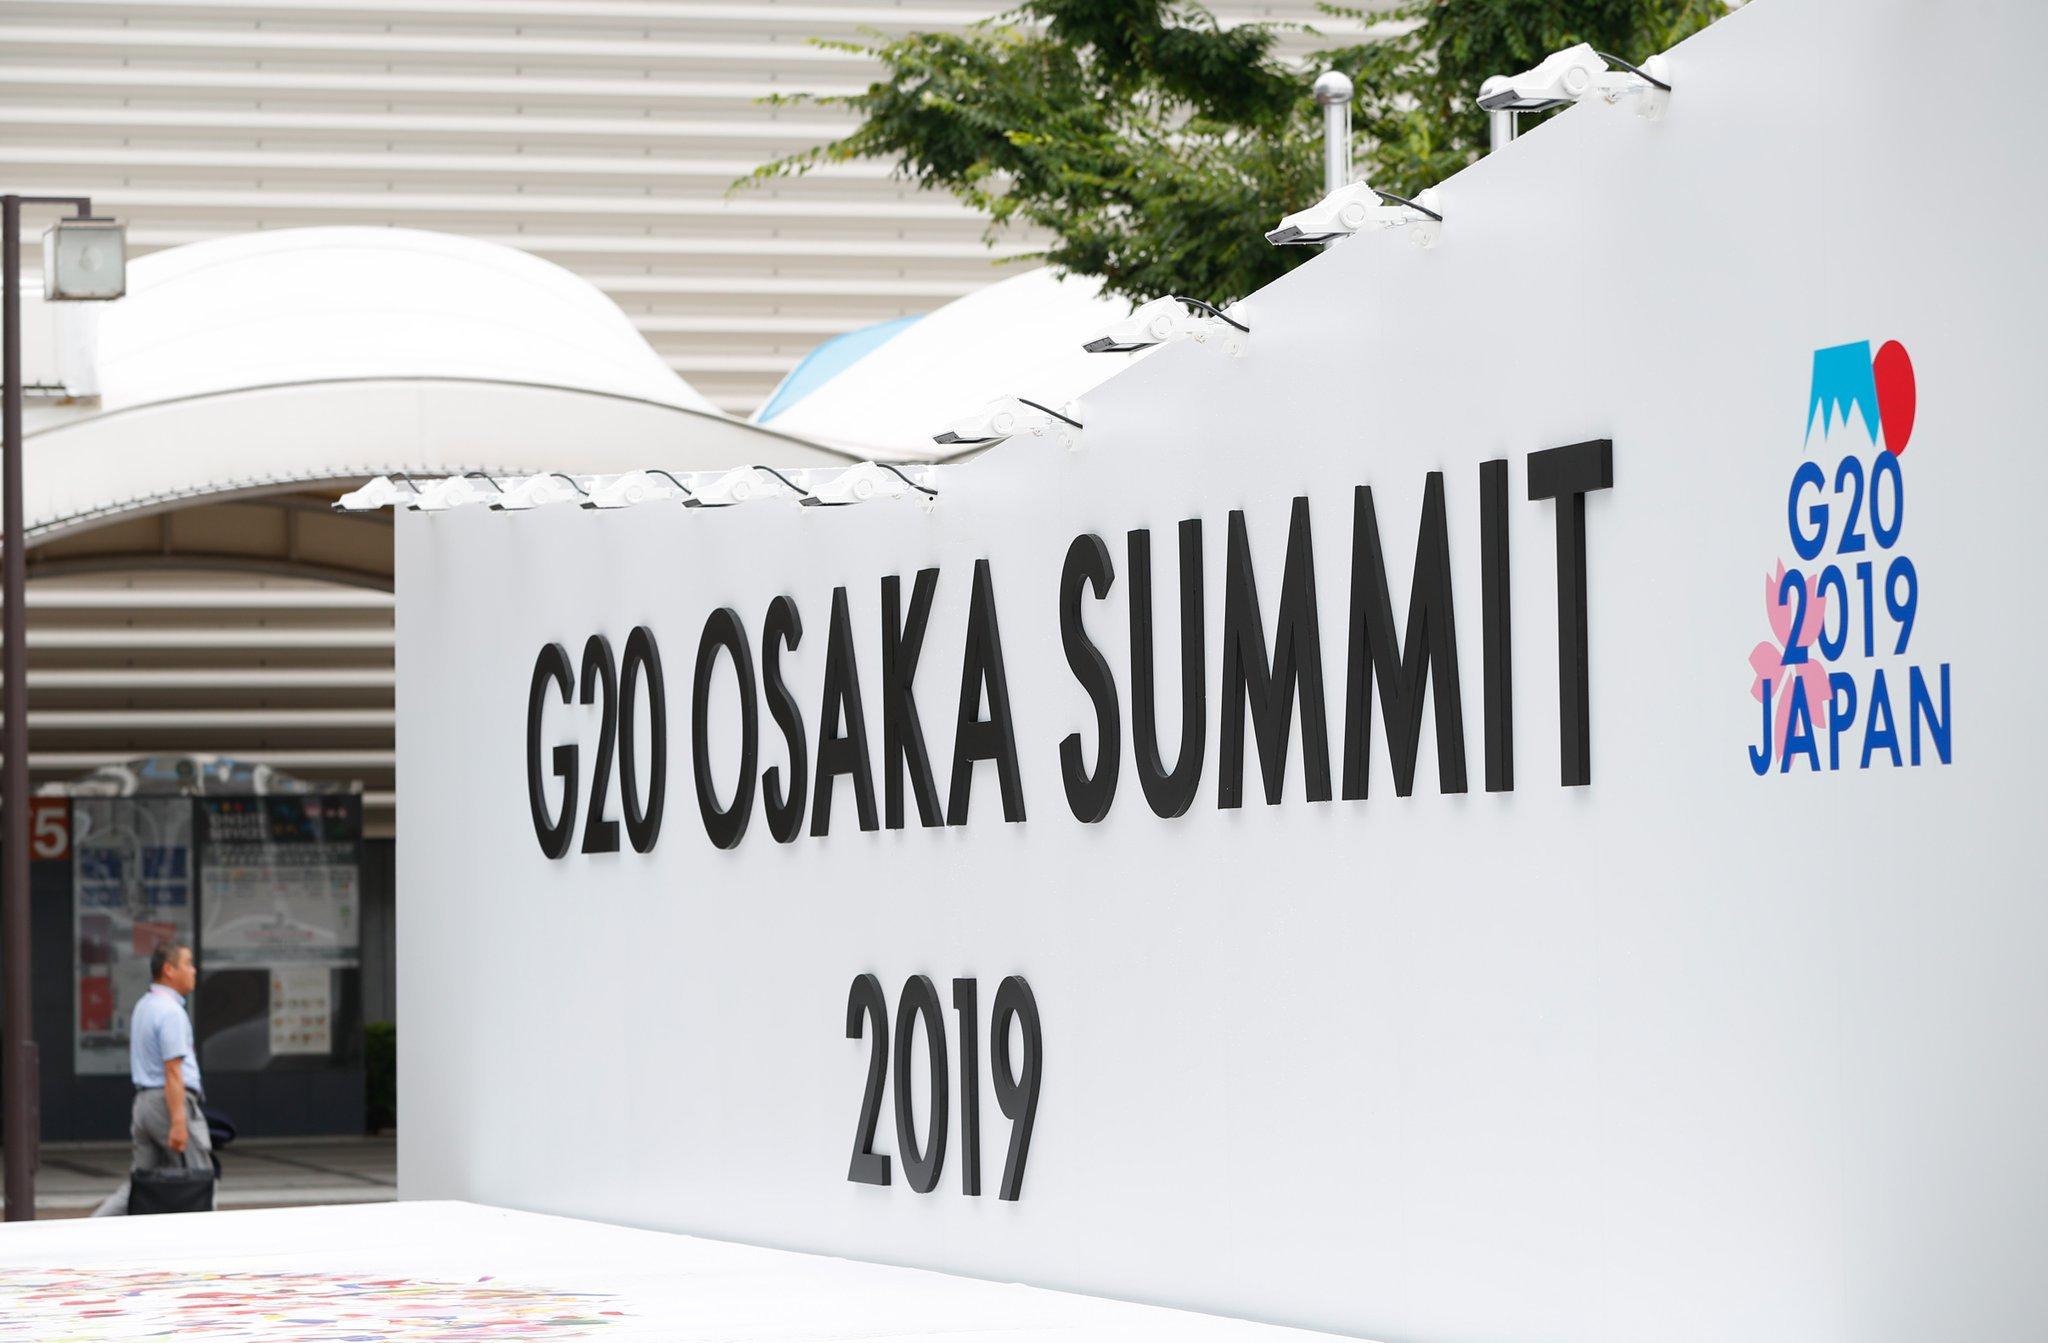 China espera que cumbre del G20 en Osaka envíe señal positiva de lucha contra cambio climático